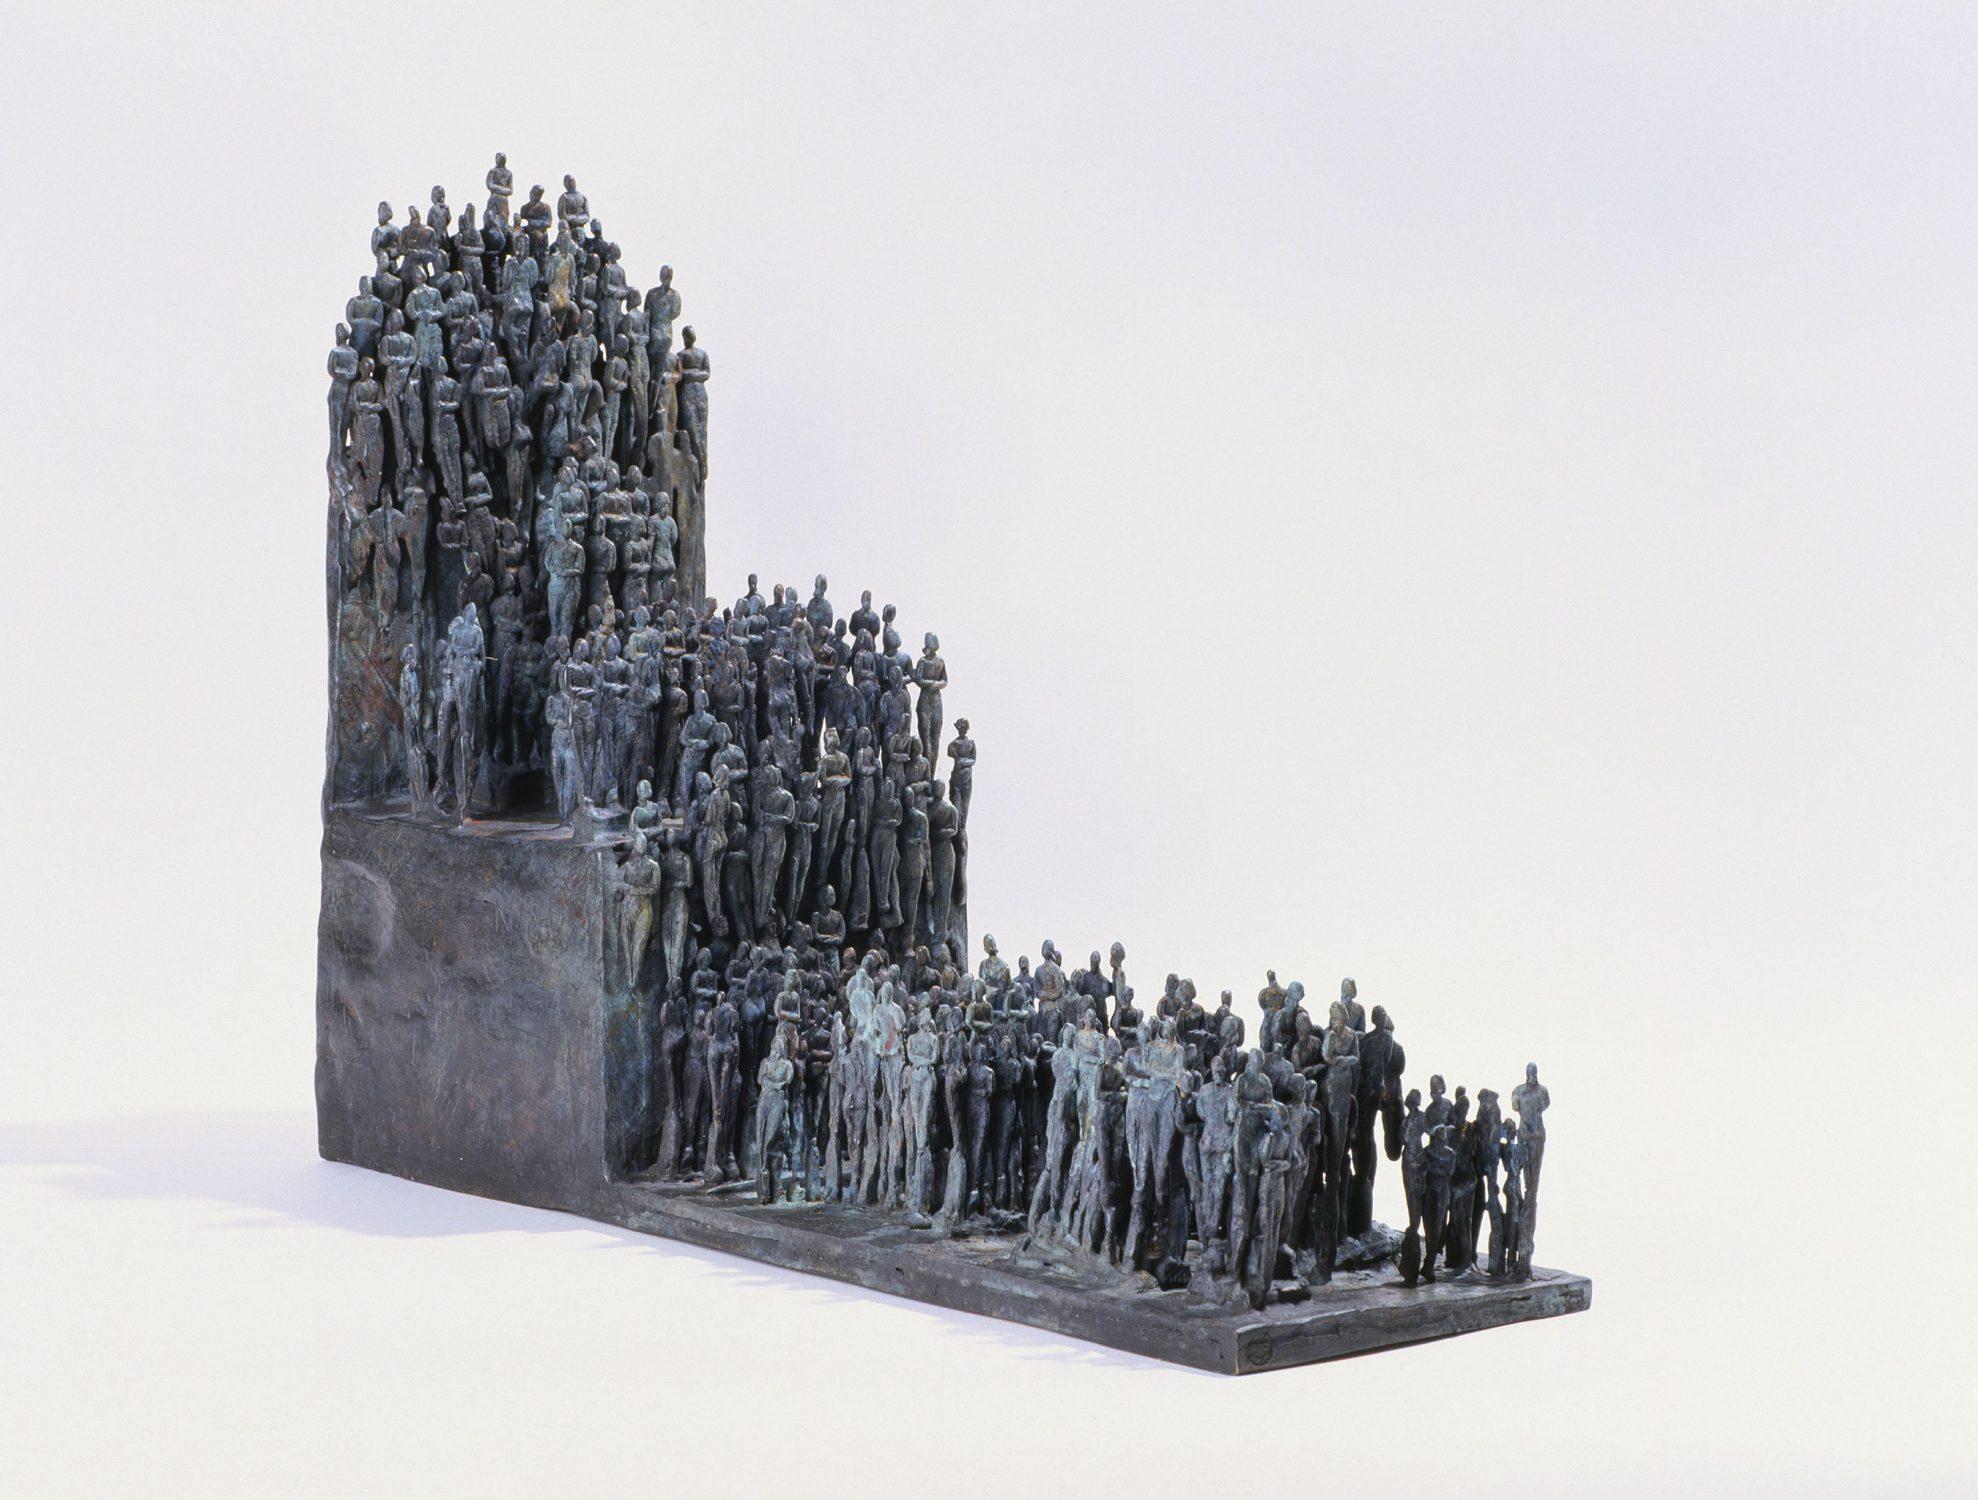 politique socle peuples bronze sculpture art gouvernement social